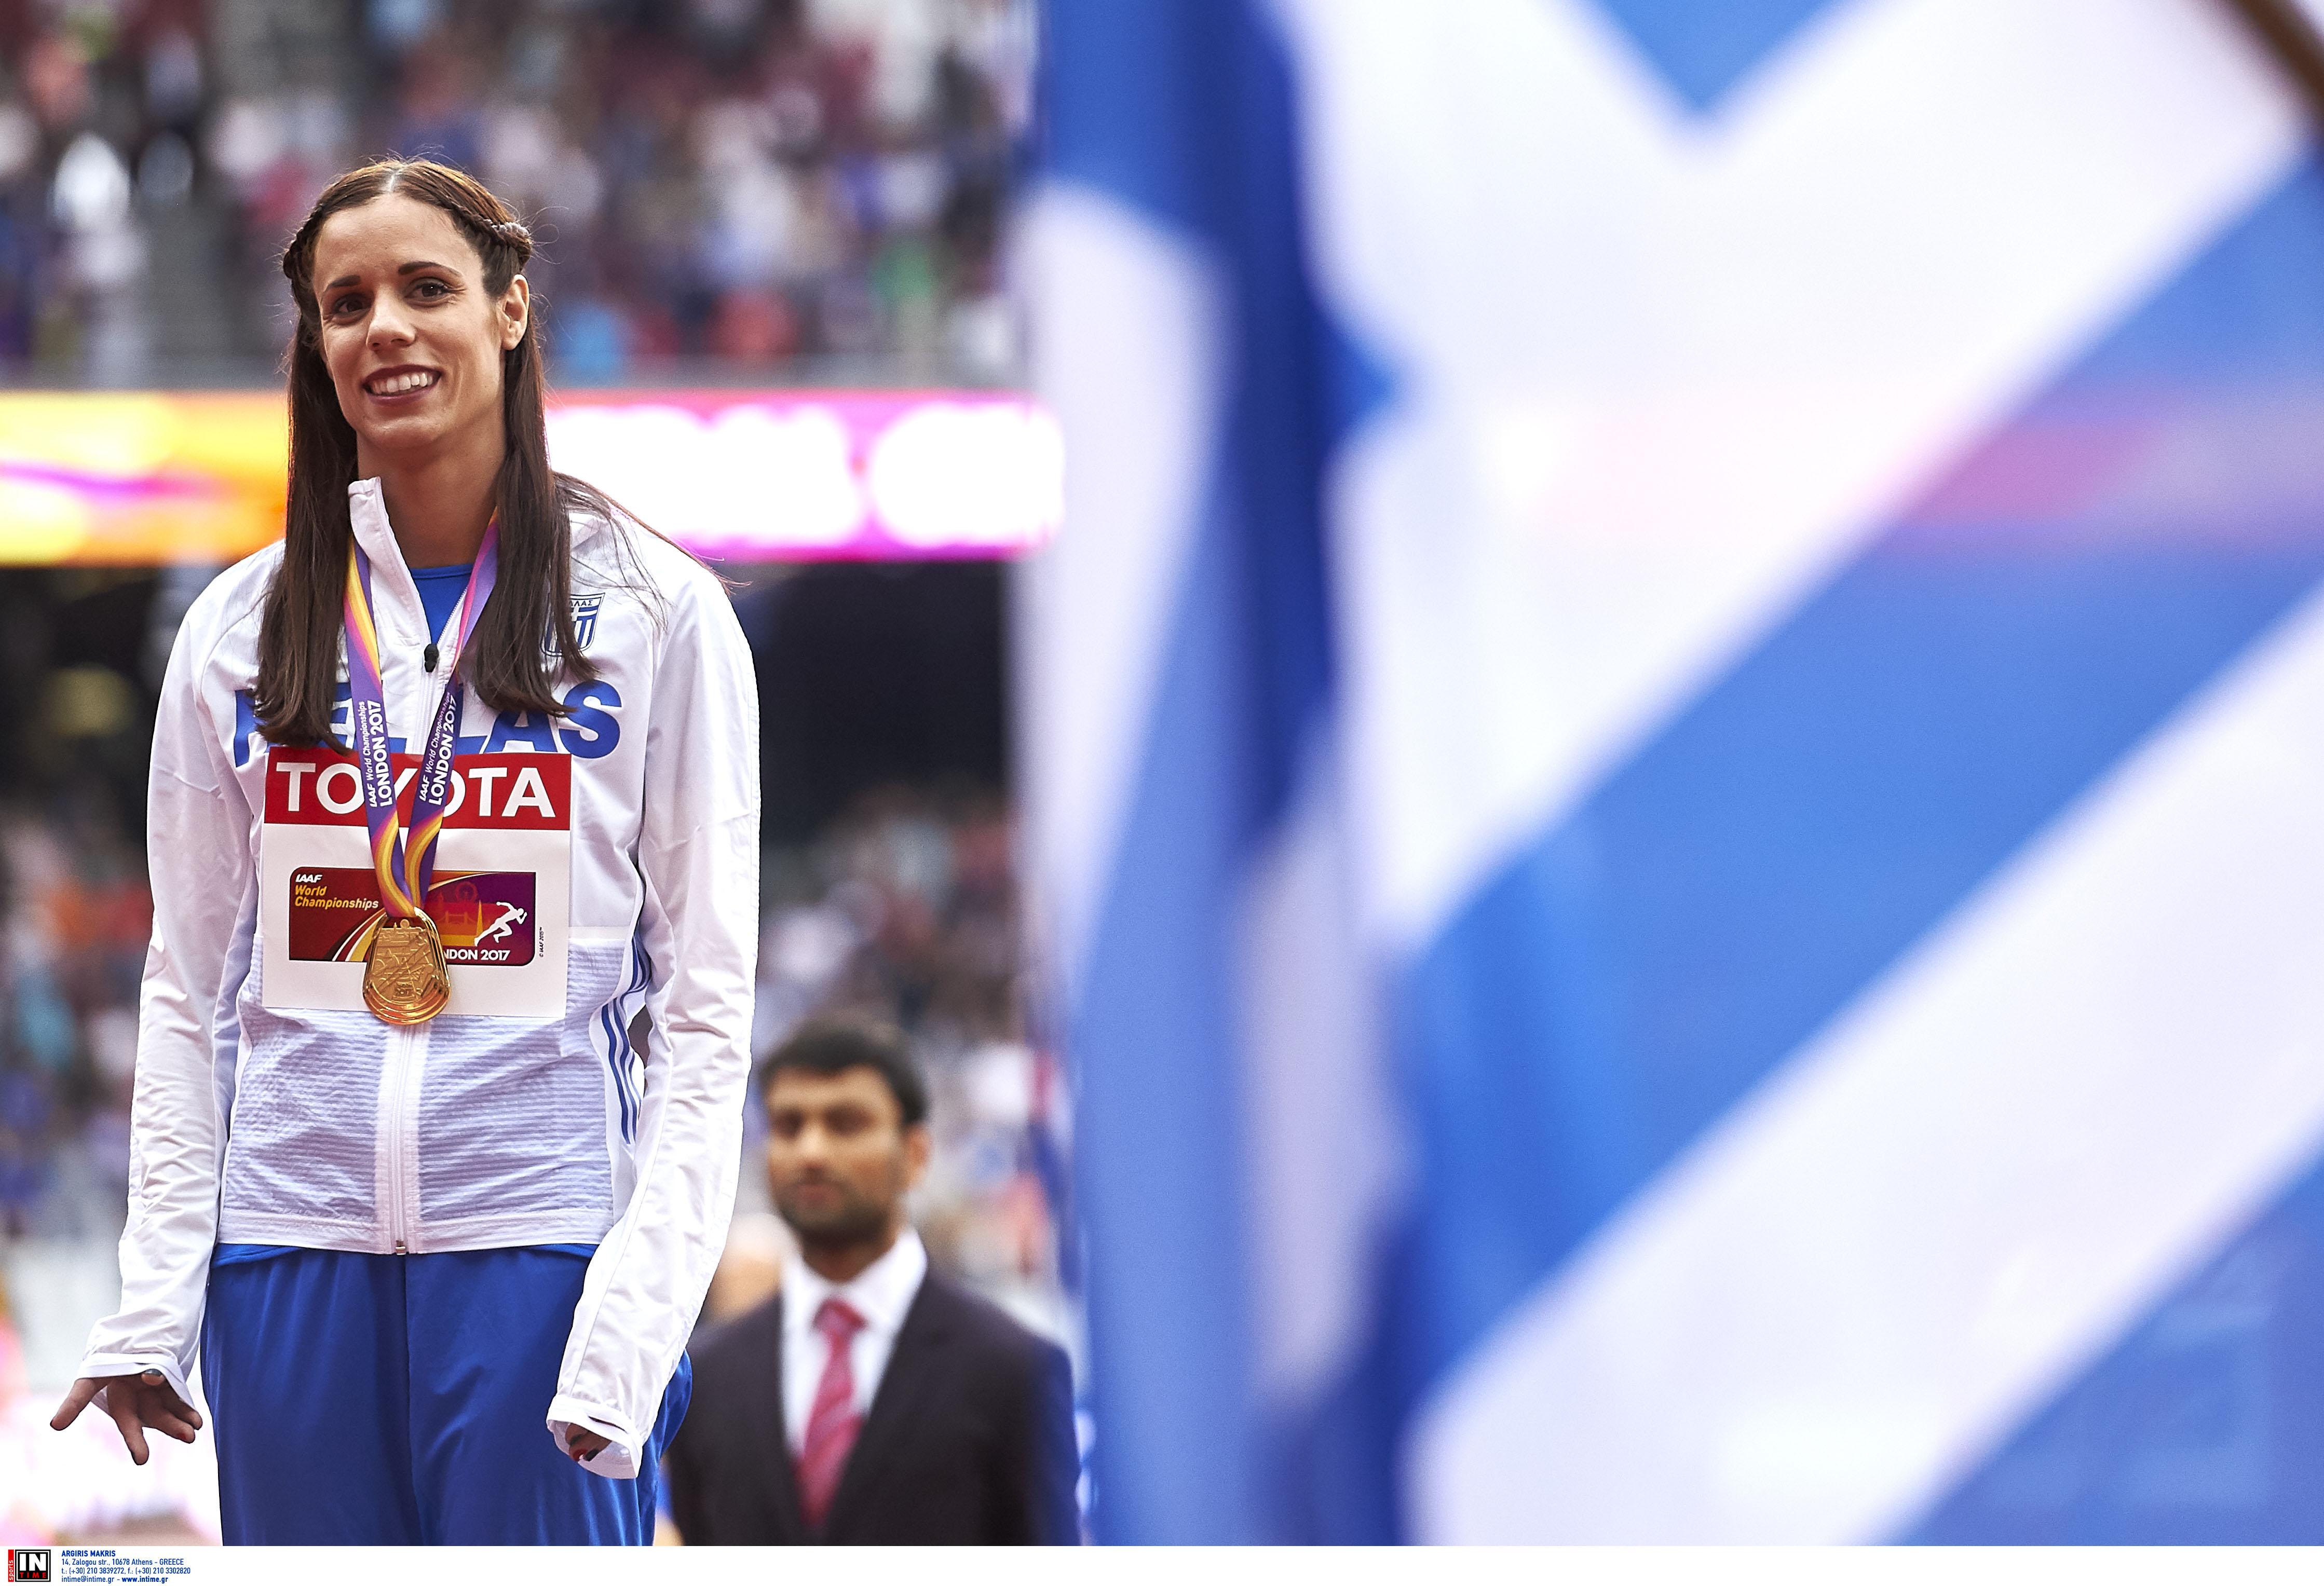 Ντόχα 2019: Τα ελληνικά μετάλλια στα Παγκόσμια Πρωταθλήματα